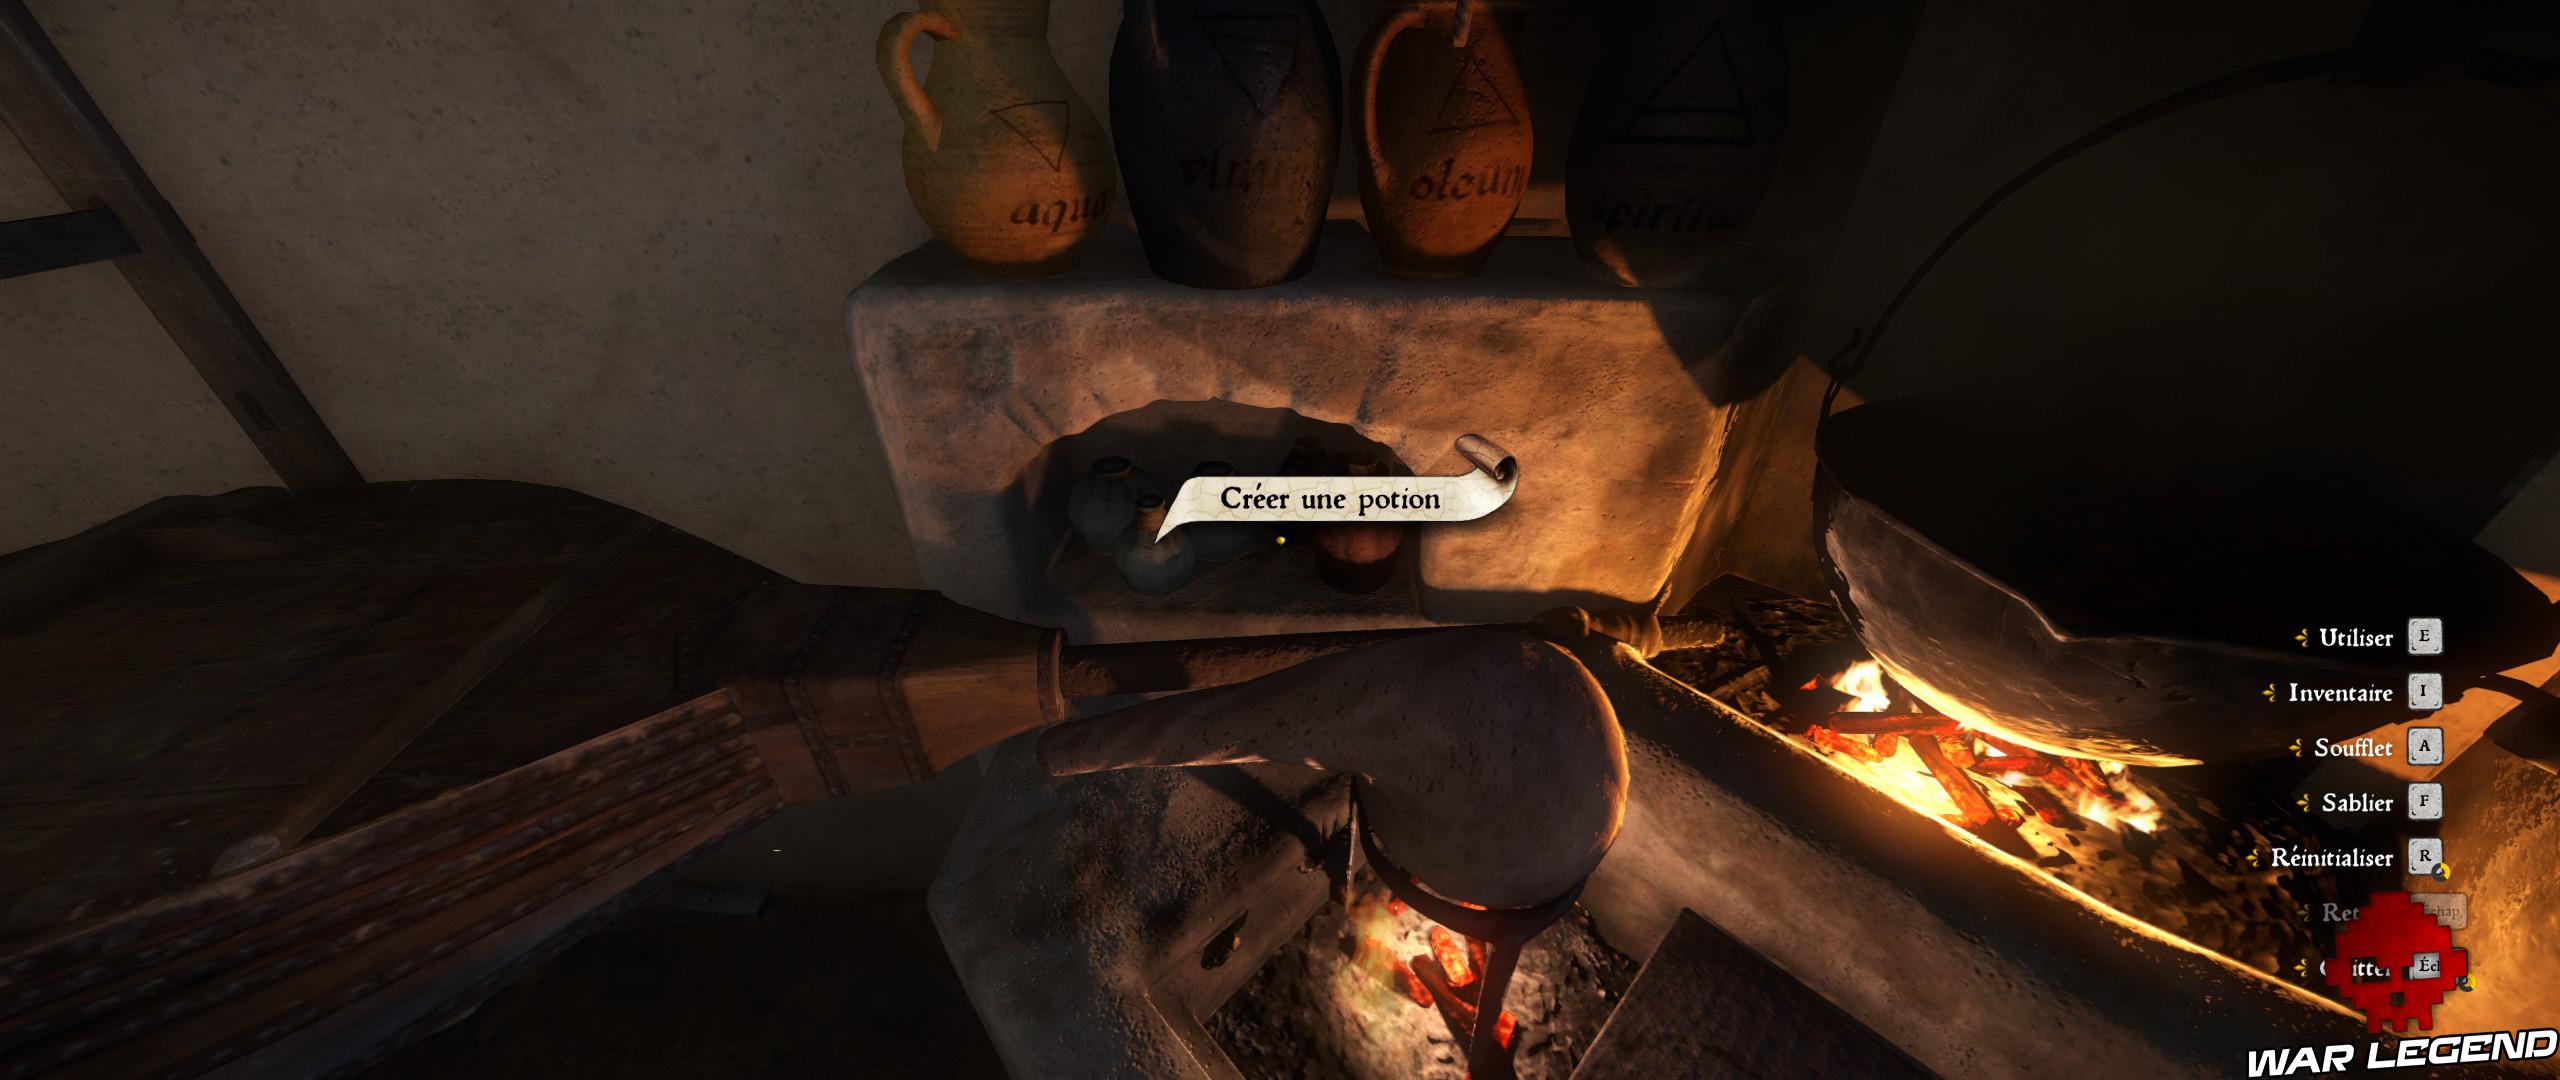 Guide schnaps du sauveur KCD créer une potion